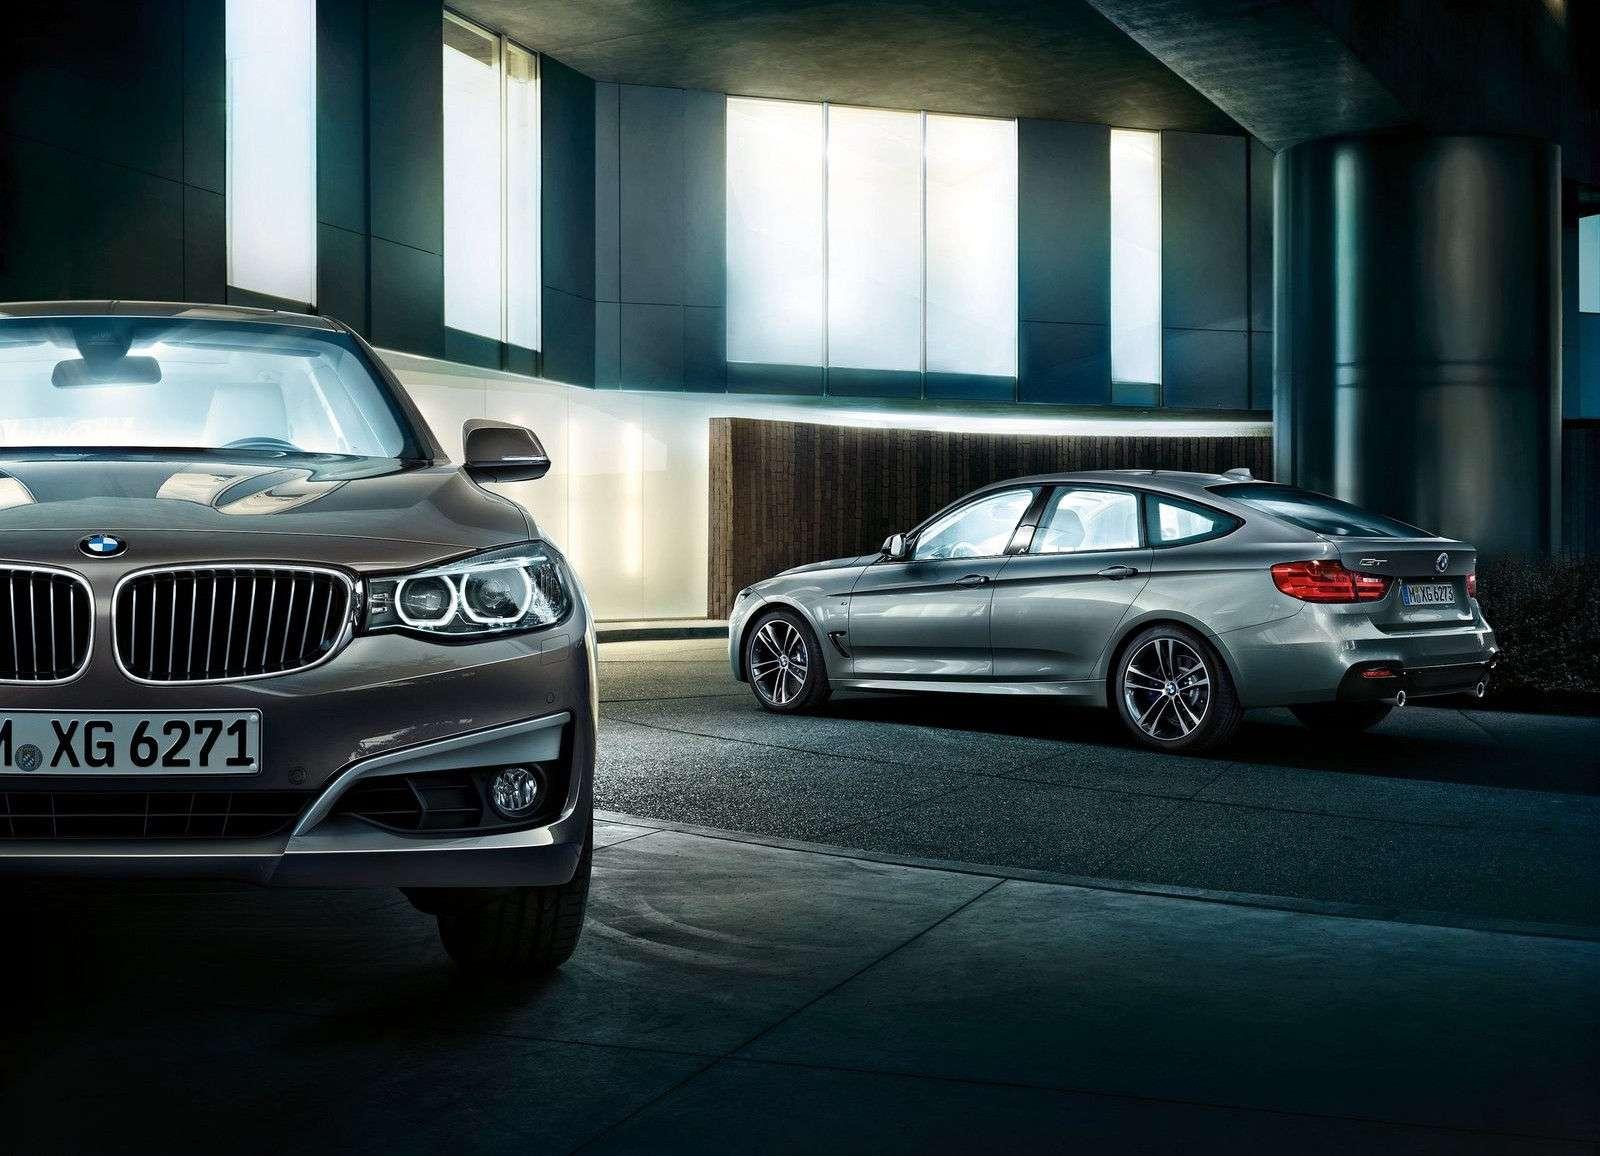 BMW 3 Series Wallpaper 037